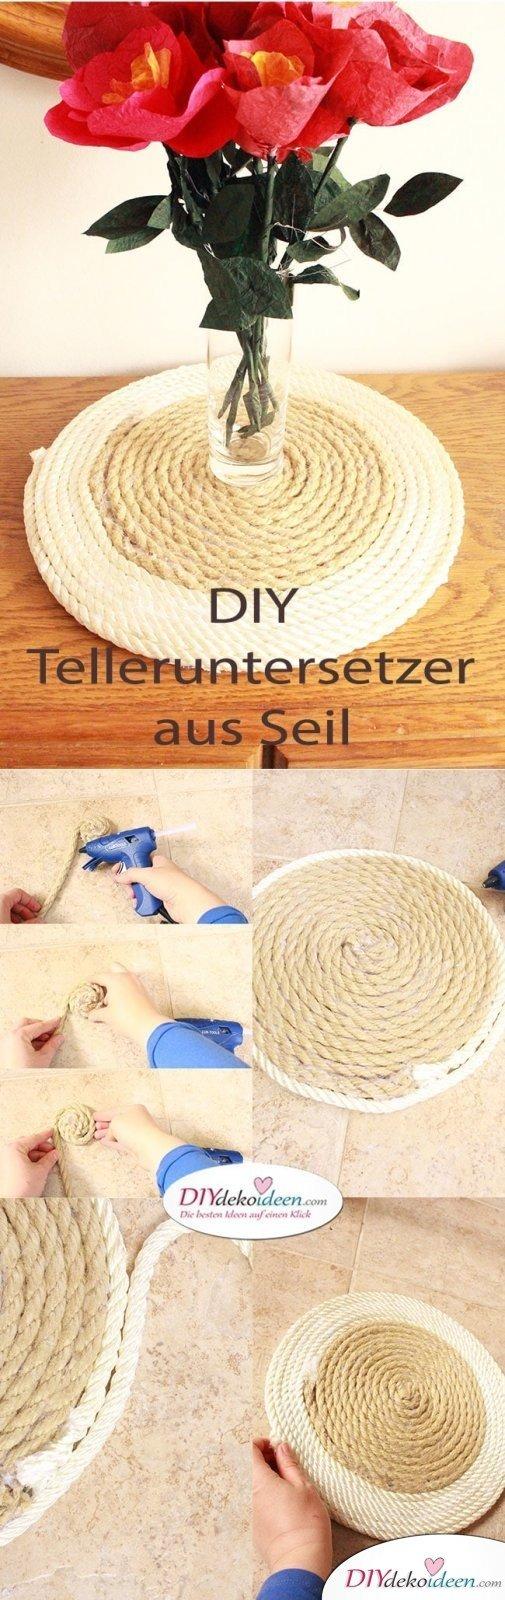 DIY Dekoidee Seil-Telleruntersetzer mit Stil